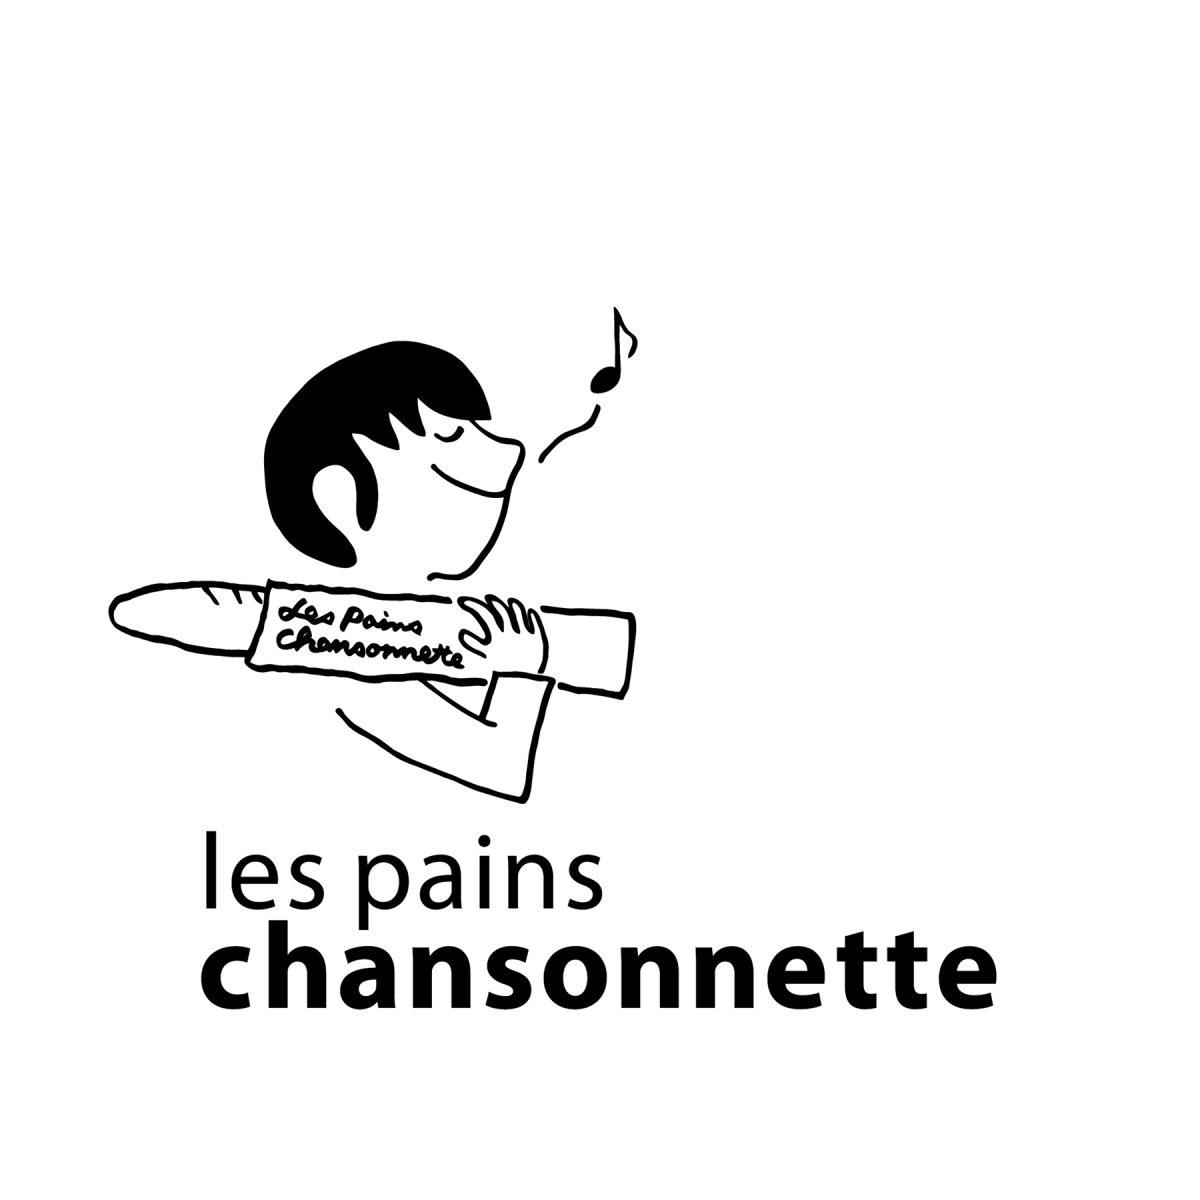 les pains chansonnette 〈はなうたパン屋〉レ・パン・シャンソネット|Logo Symbol|グラフィックデザイン